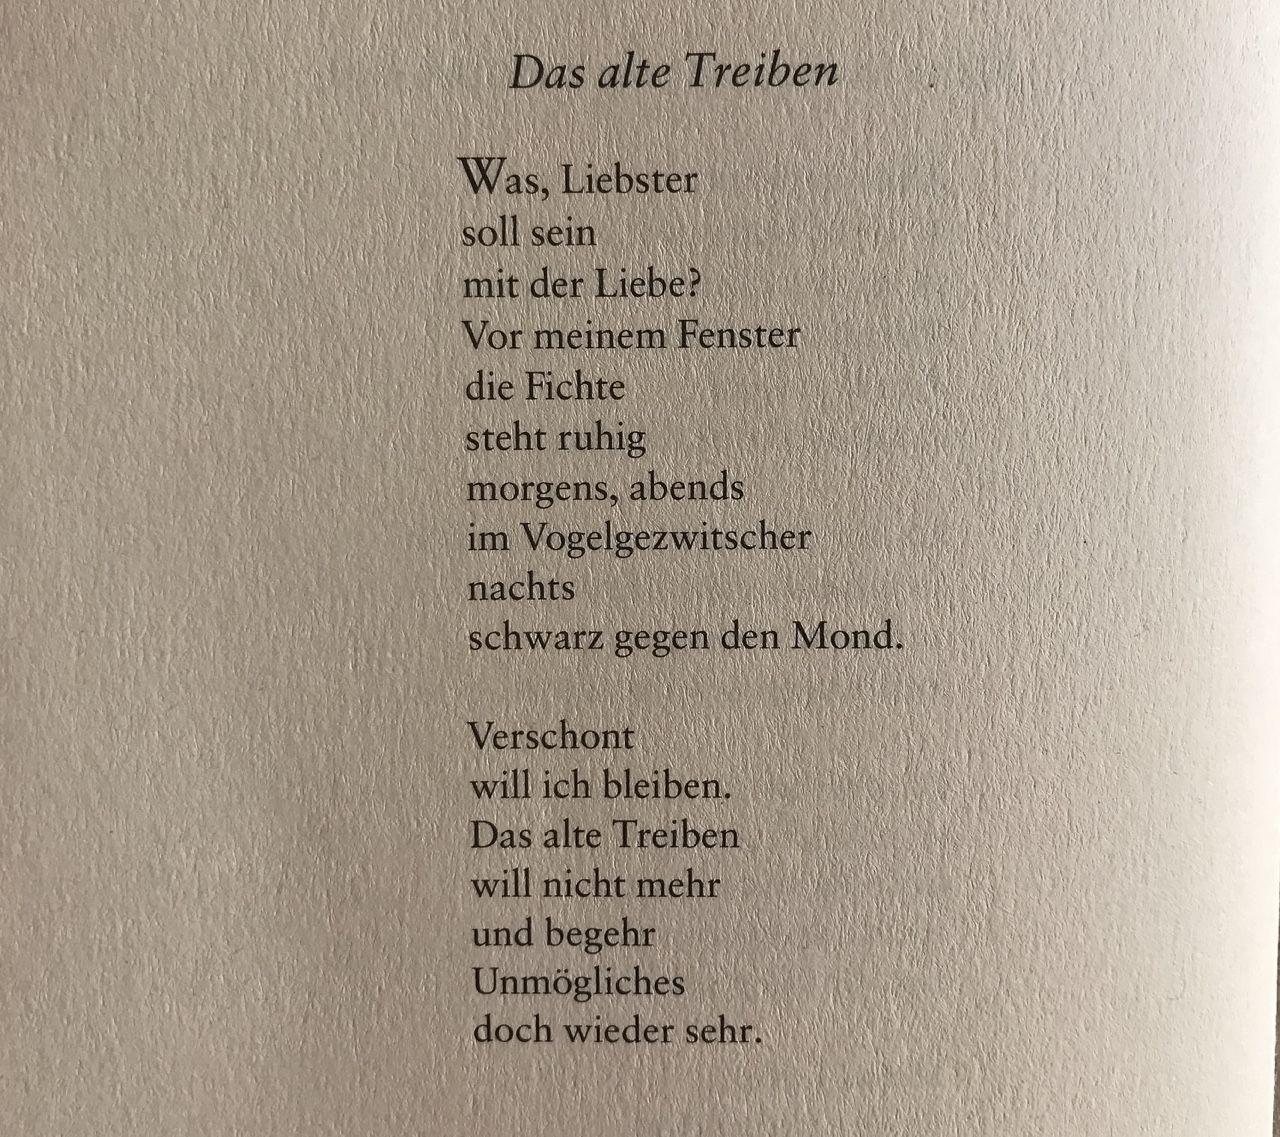 Liebesgedichte kurz und schön auf deutsch